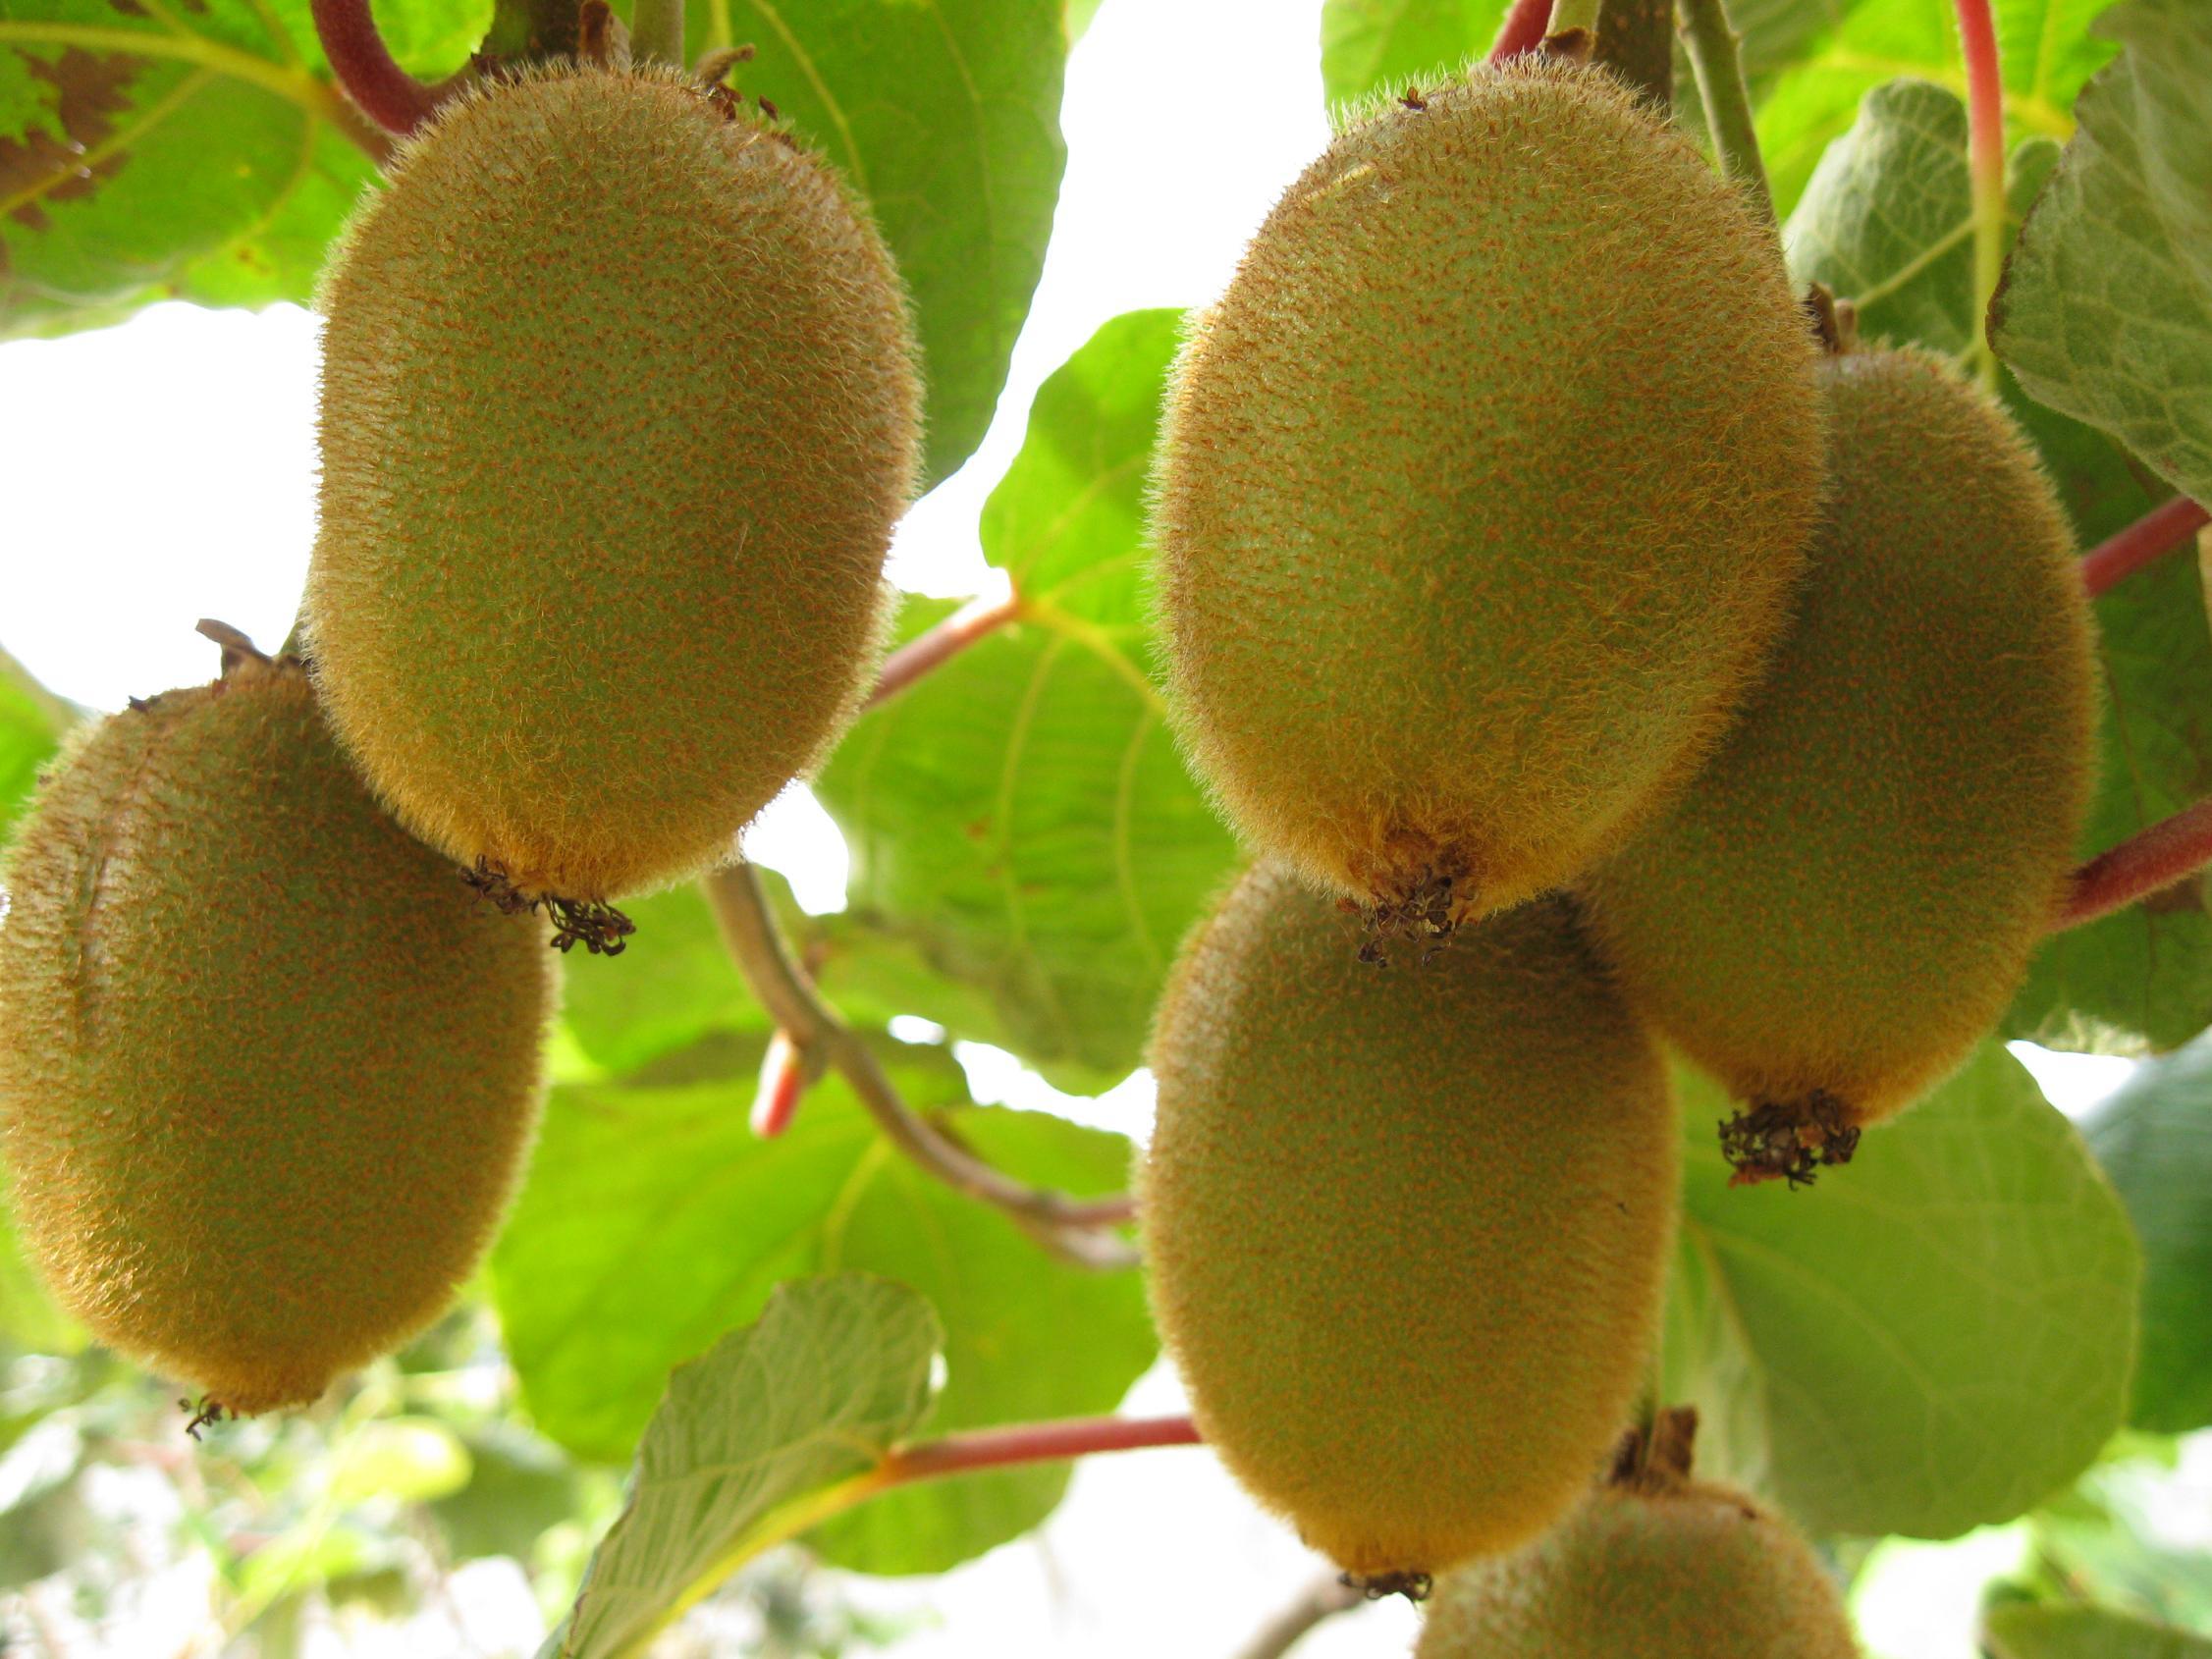 Fruta-kiwi